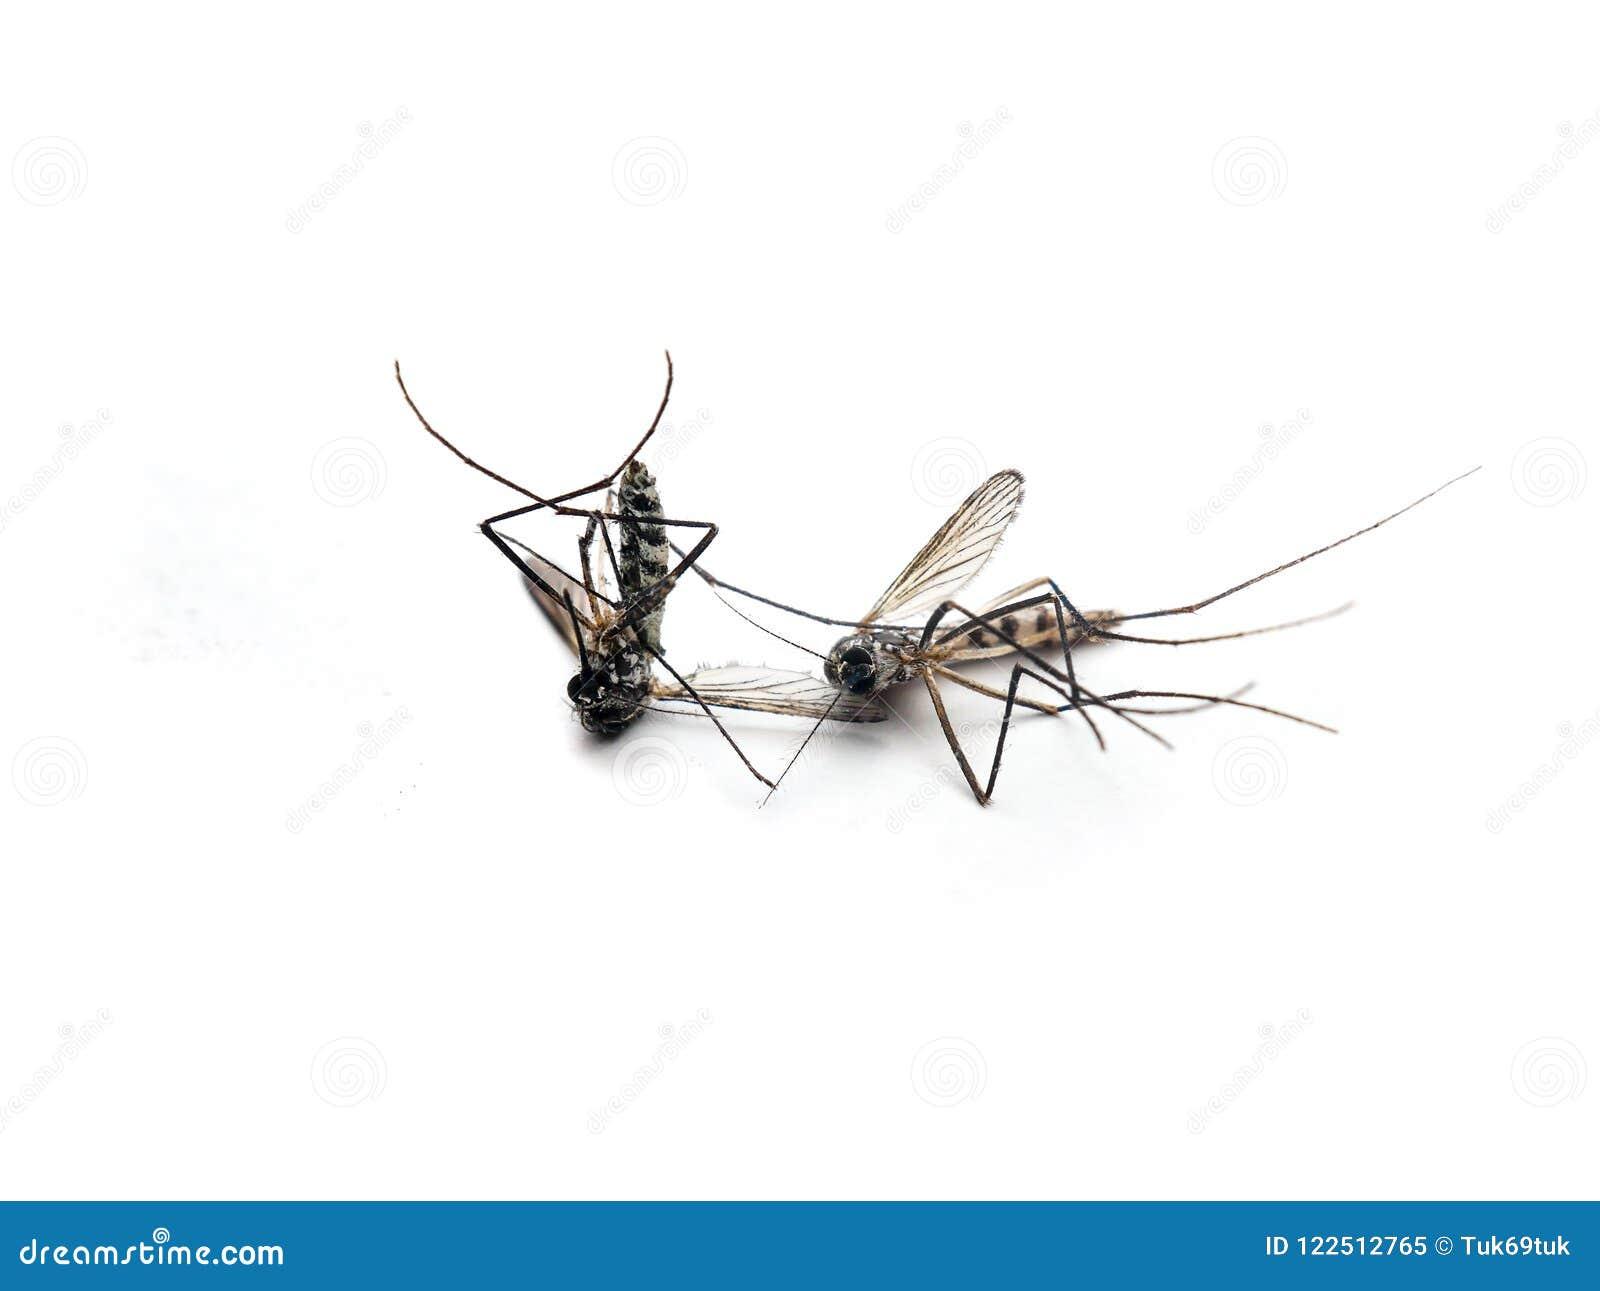 Zanzare Morte Di Zika Di Aedes Aegypti Pericoloso Del Virus Su Fondo